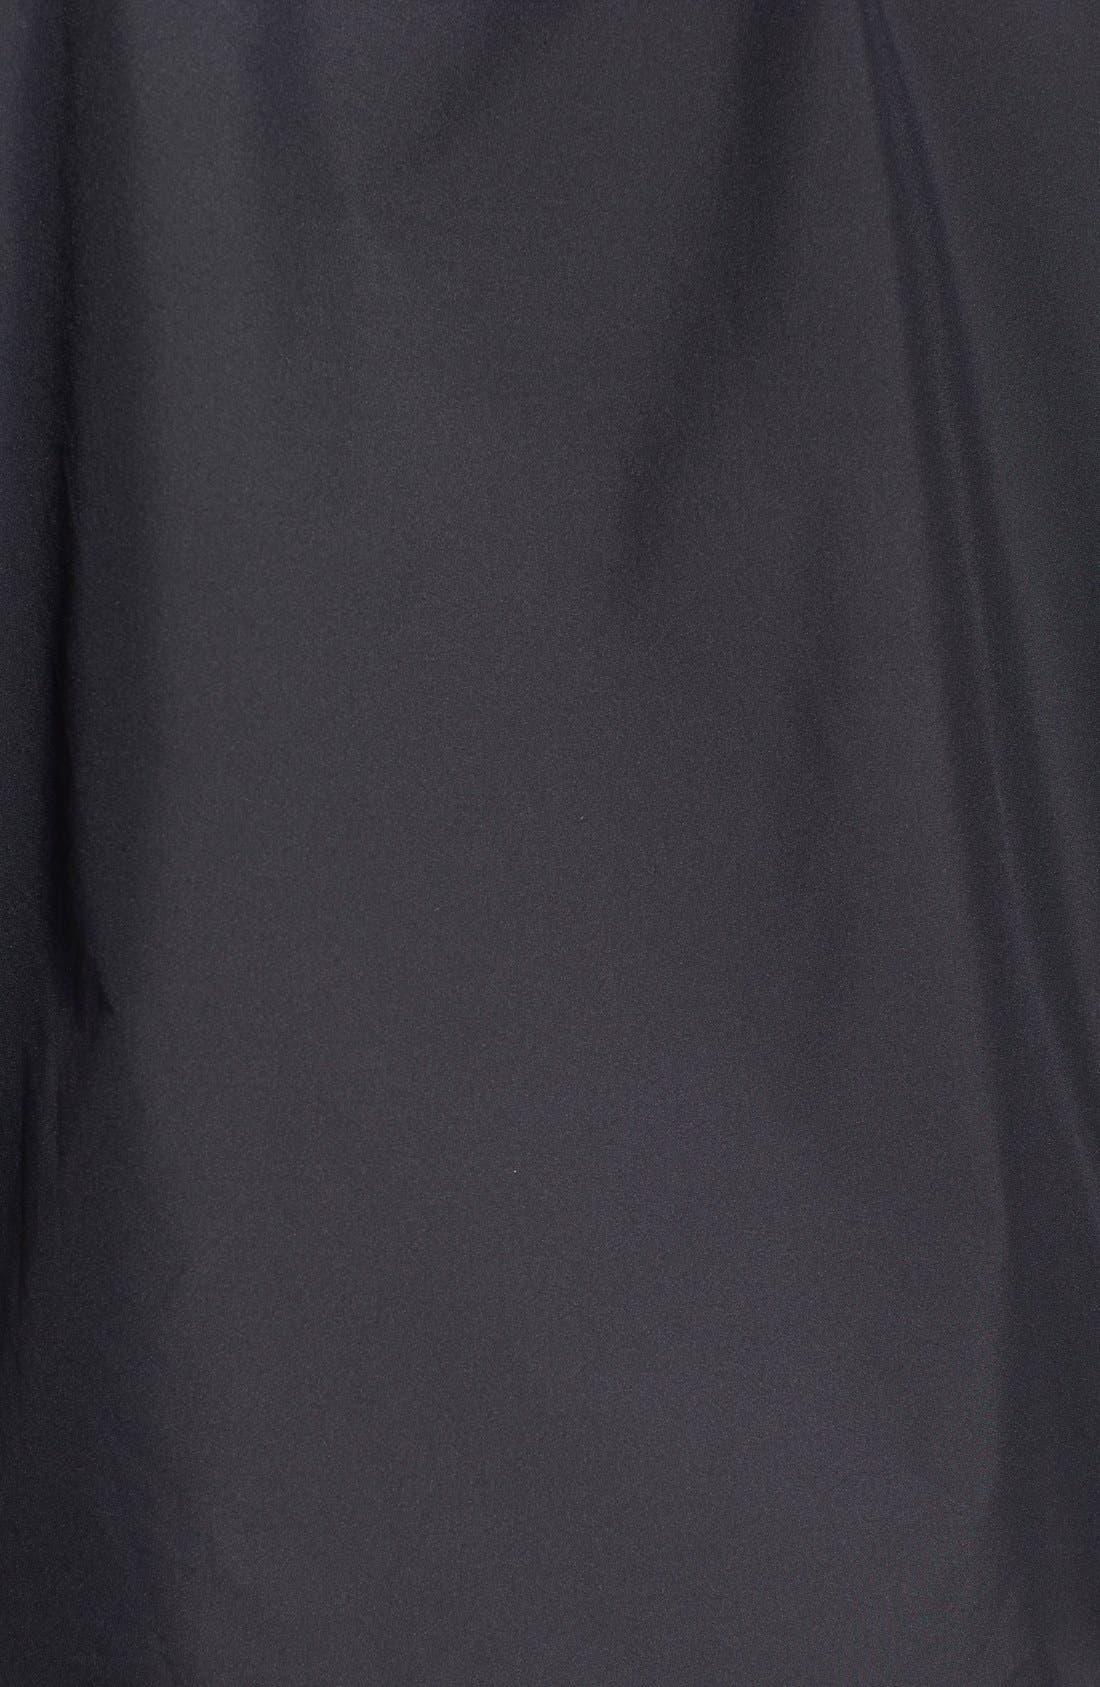 'Vancouver' Packable Rain Jacket,                             Alternate thumbnail 5, color,                             Black